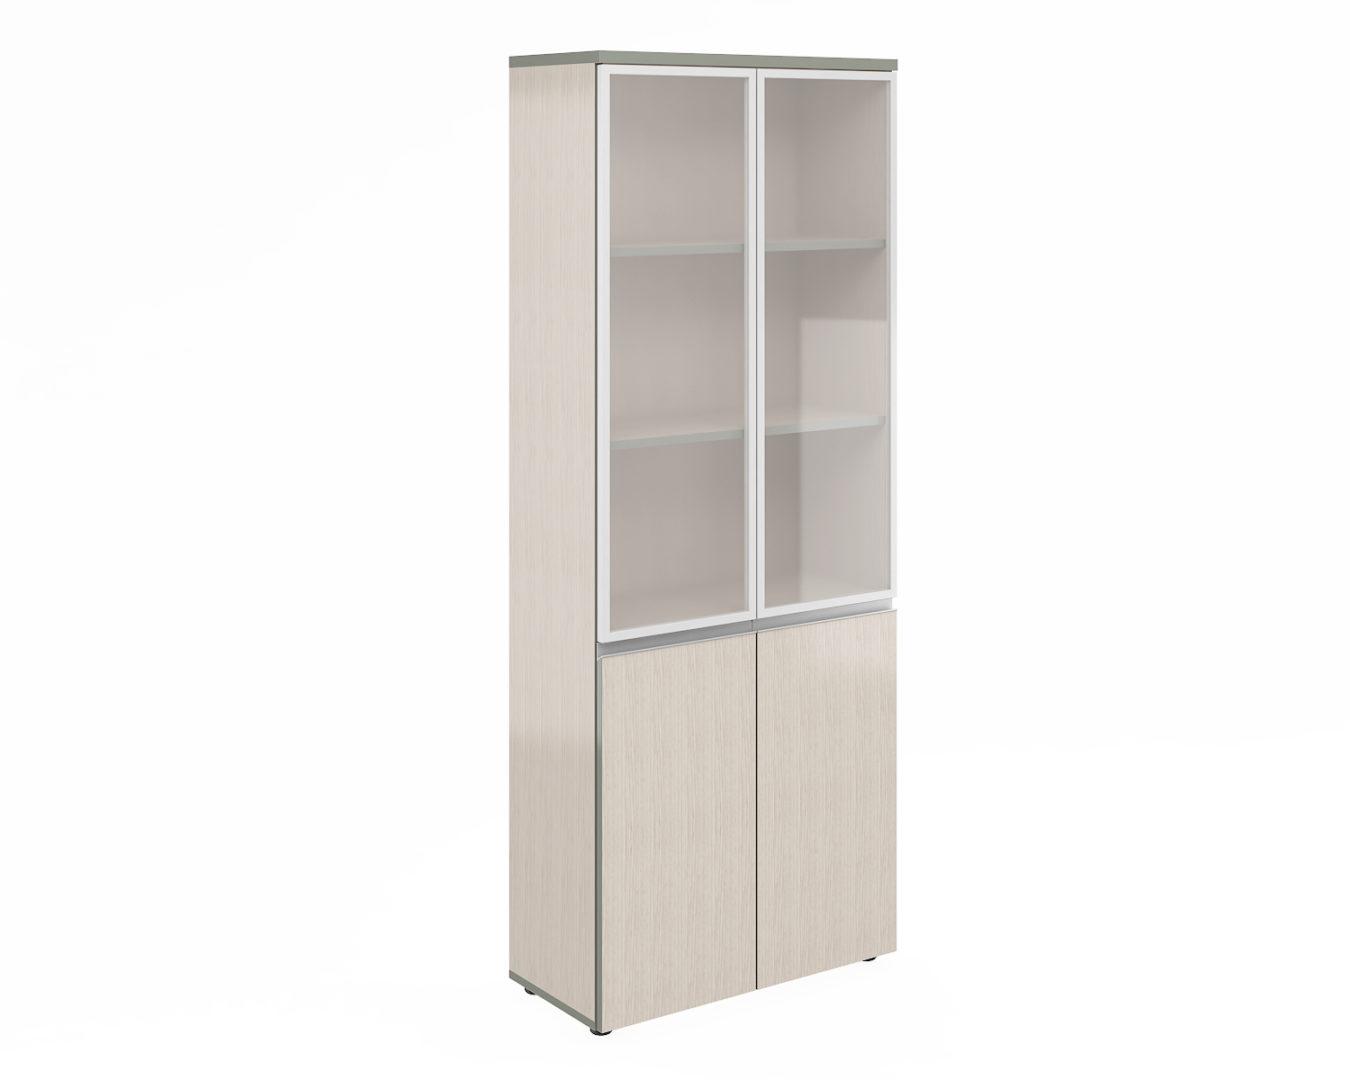 Шкаф широкий высокий со стеклом алюм. раме V-2.2+4.0+4.4.1*2+ручки